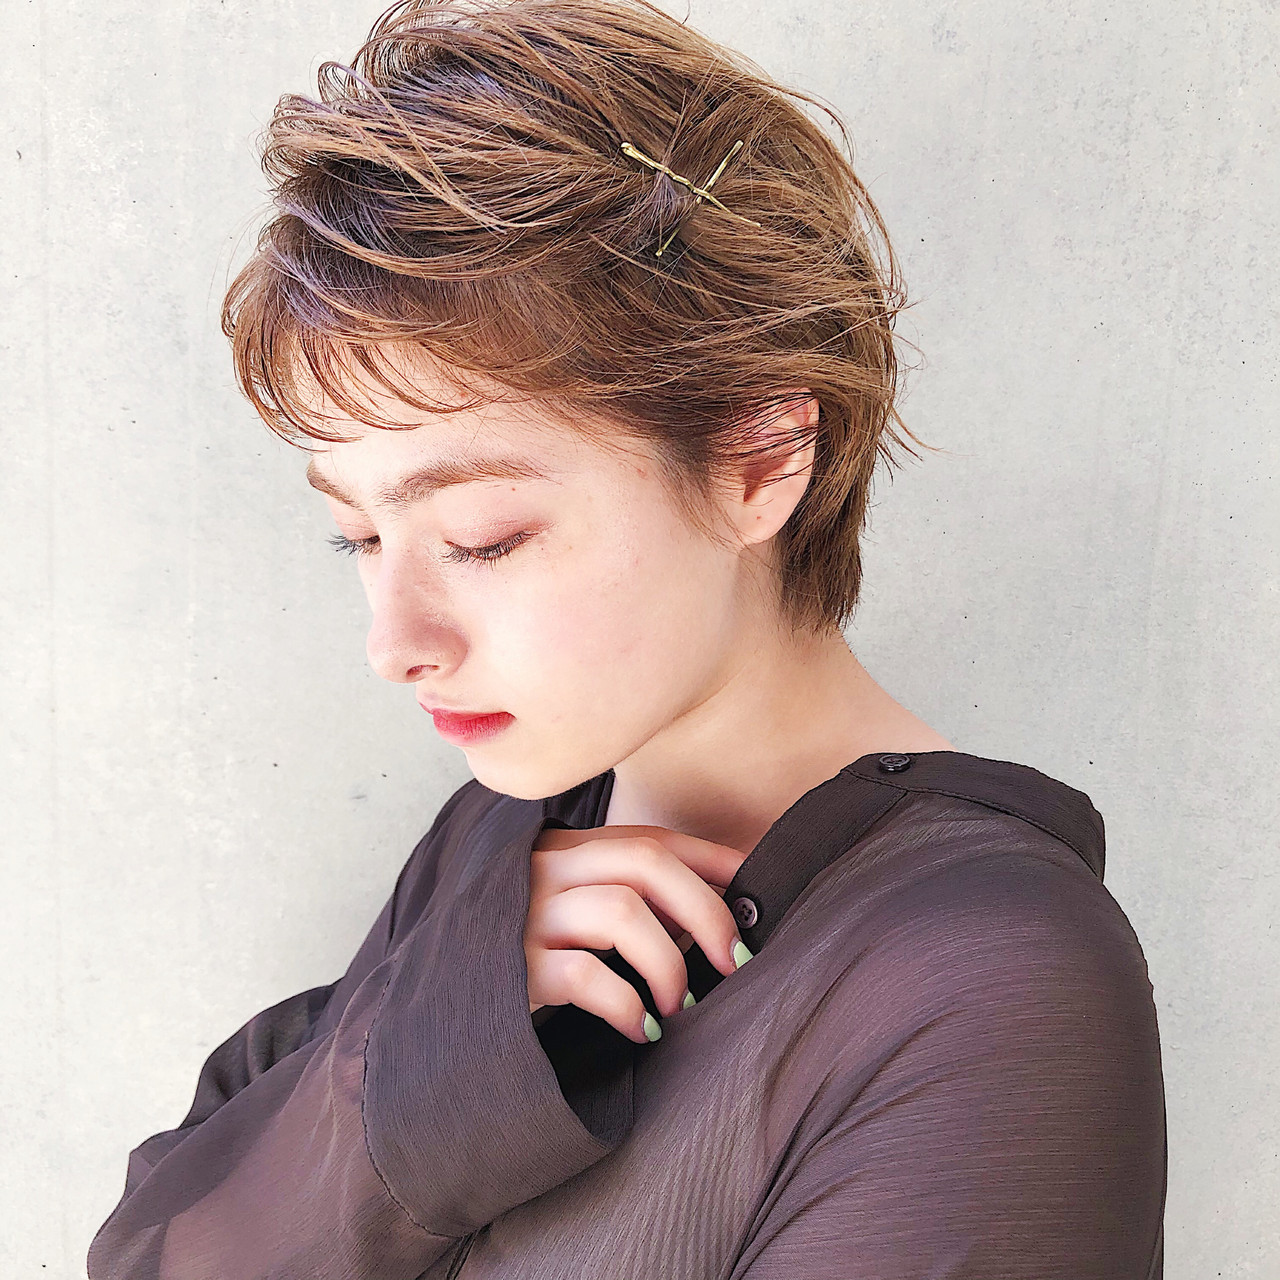 ショートヘア ショート ヘアアレンジ 簡単ヘアアレンジ ヘアスタイルや髪型の写真・画像